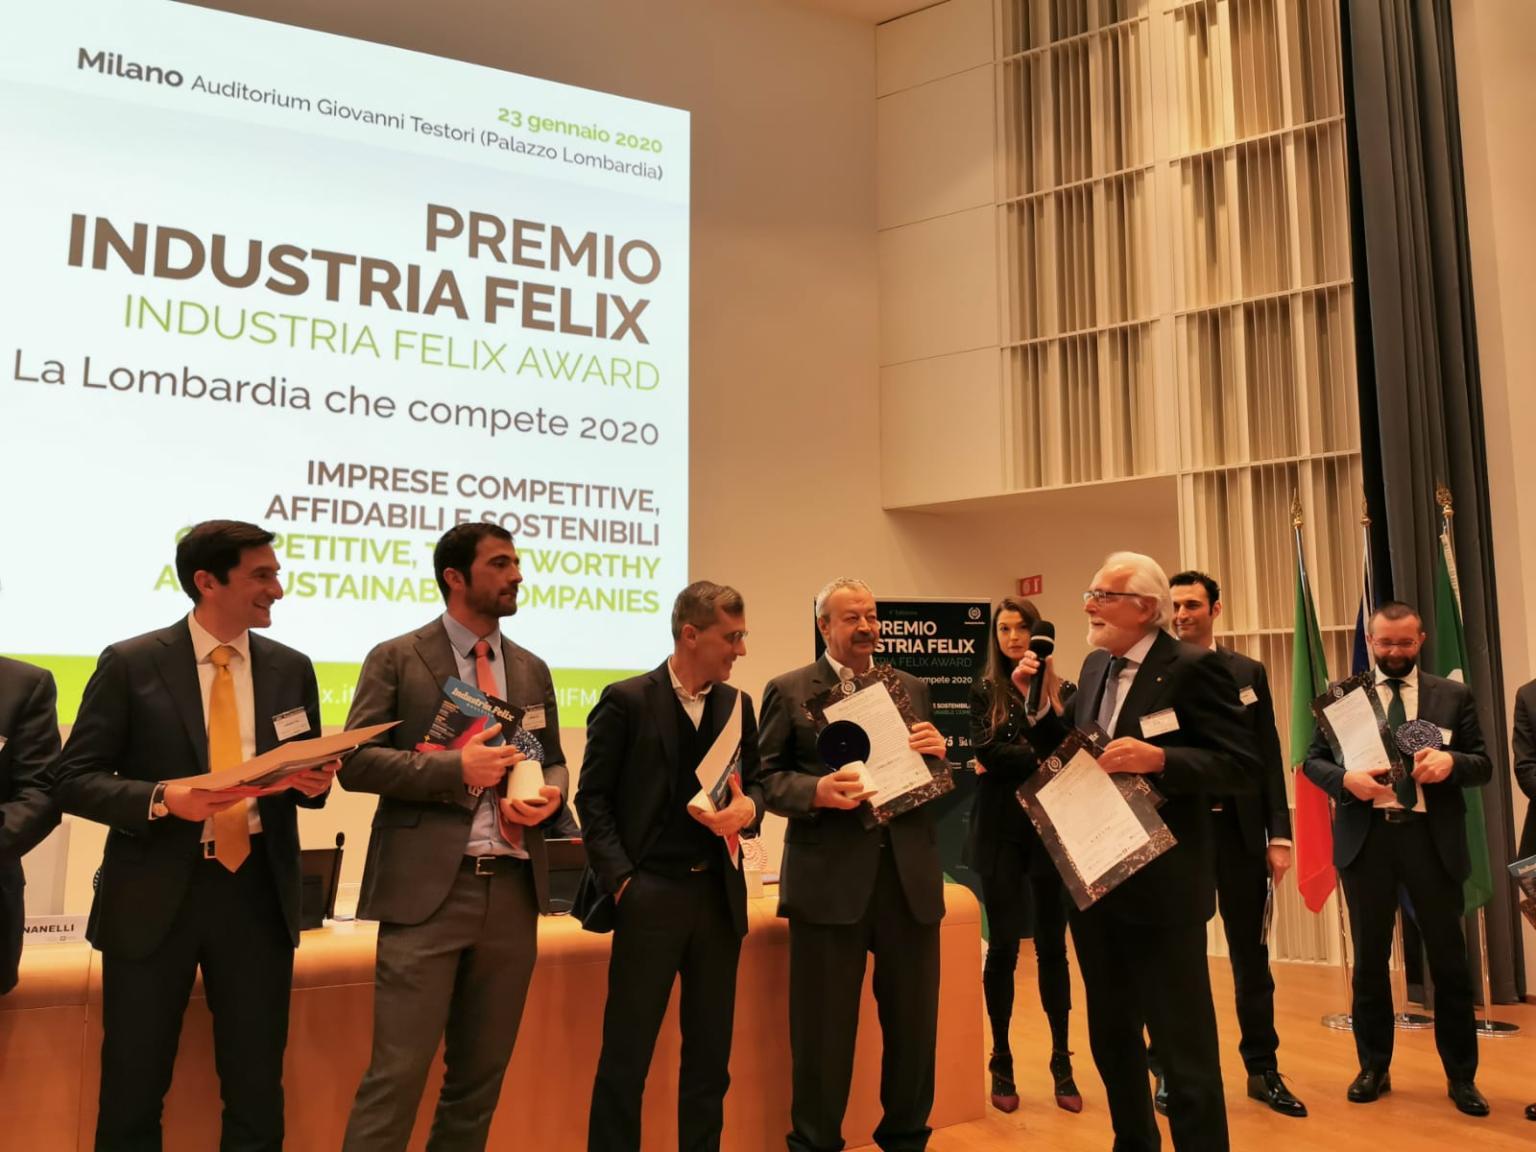 SIAD premiata come migliore impresa a vocazione internazionale per performance gestionale e affidabilità finanziaria